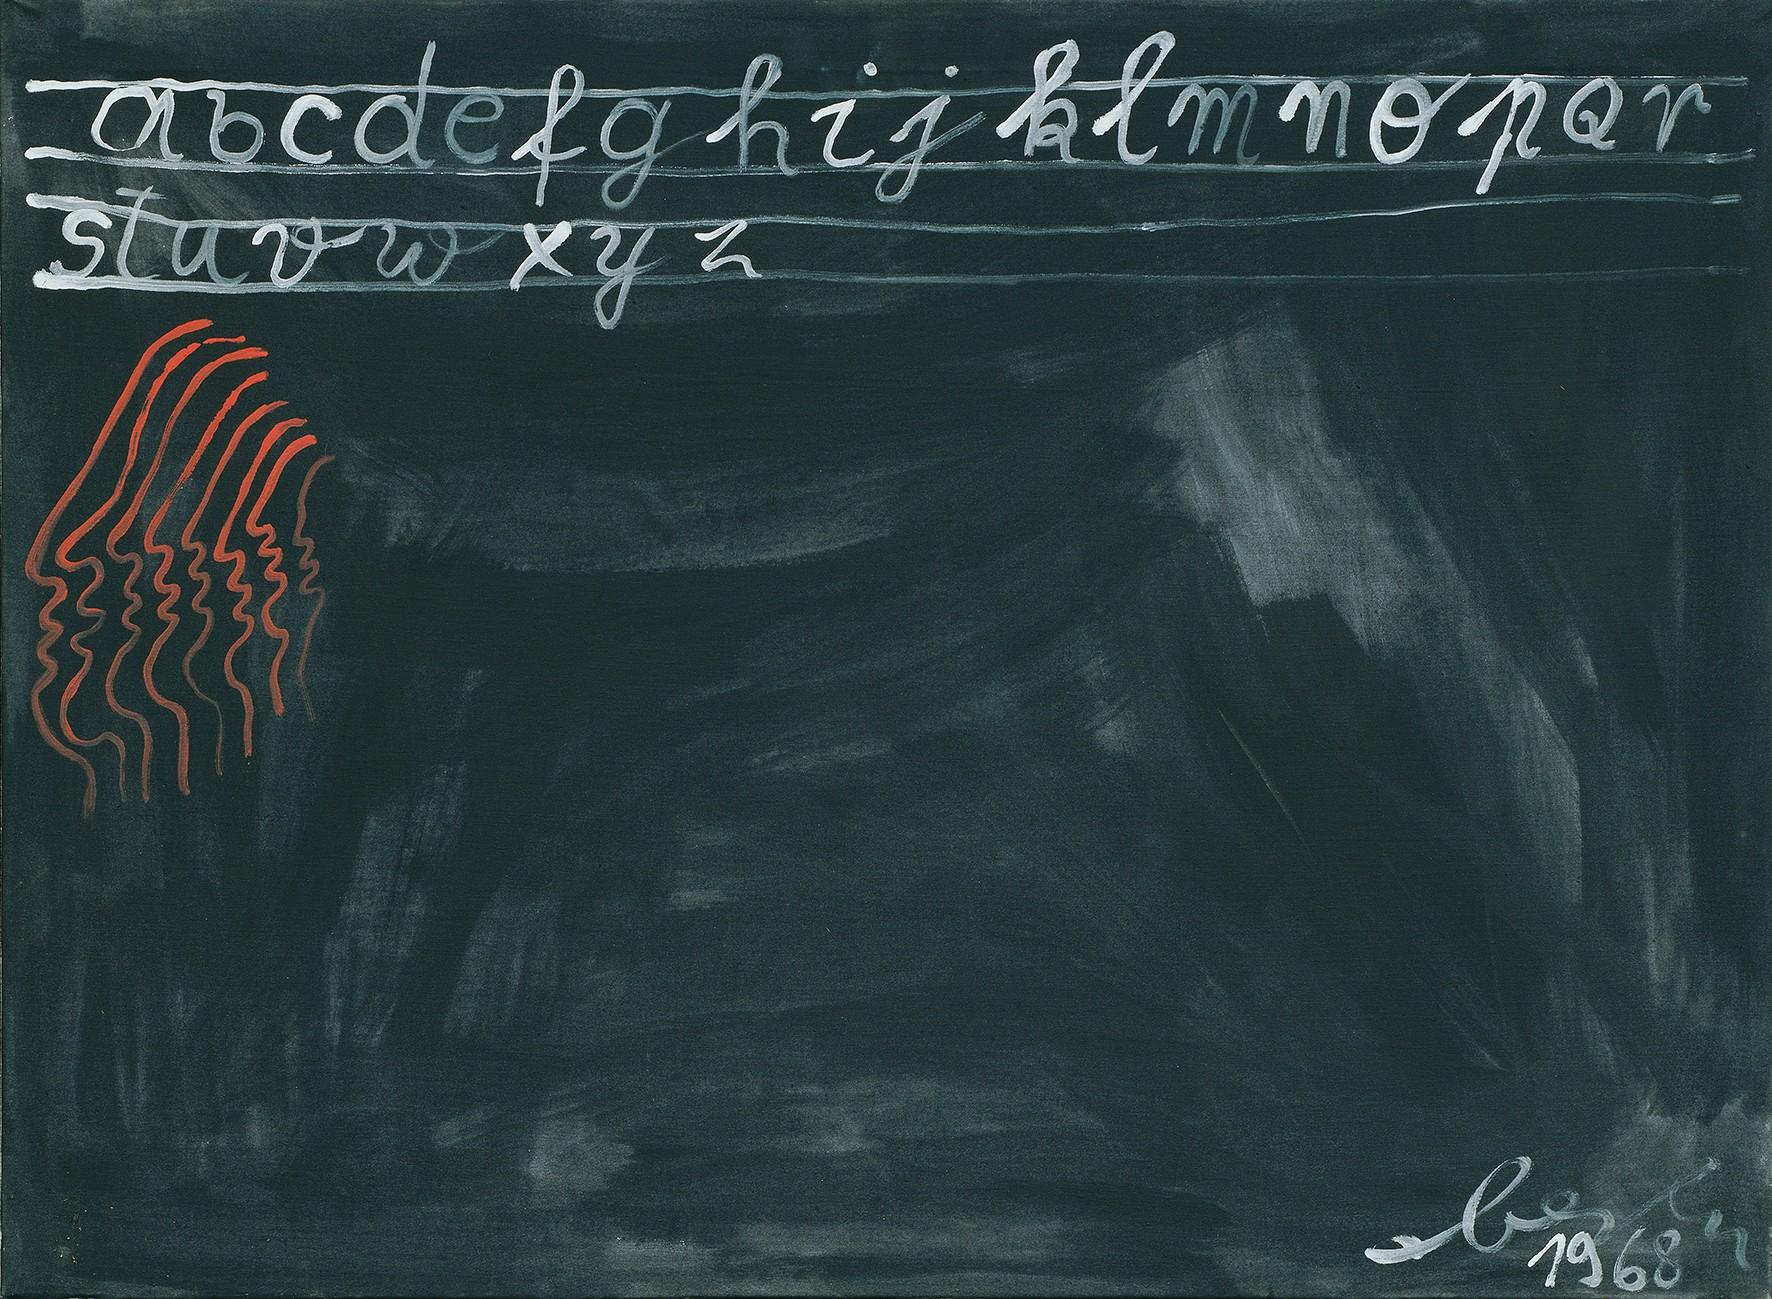 Oswald Oberhuber, ABC, 1968, Schenkung des Künstlers © Belvedere, Wien, Öl auf Leinwand 73 x 98 x 3,5 cm.